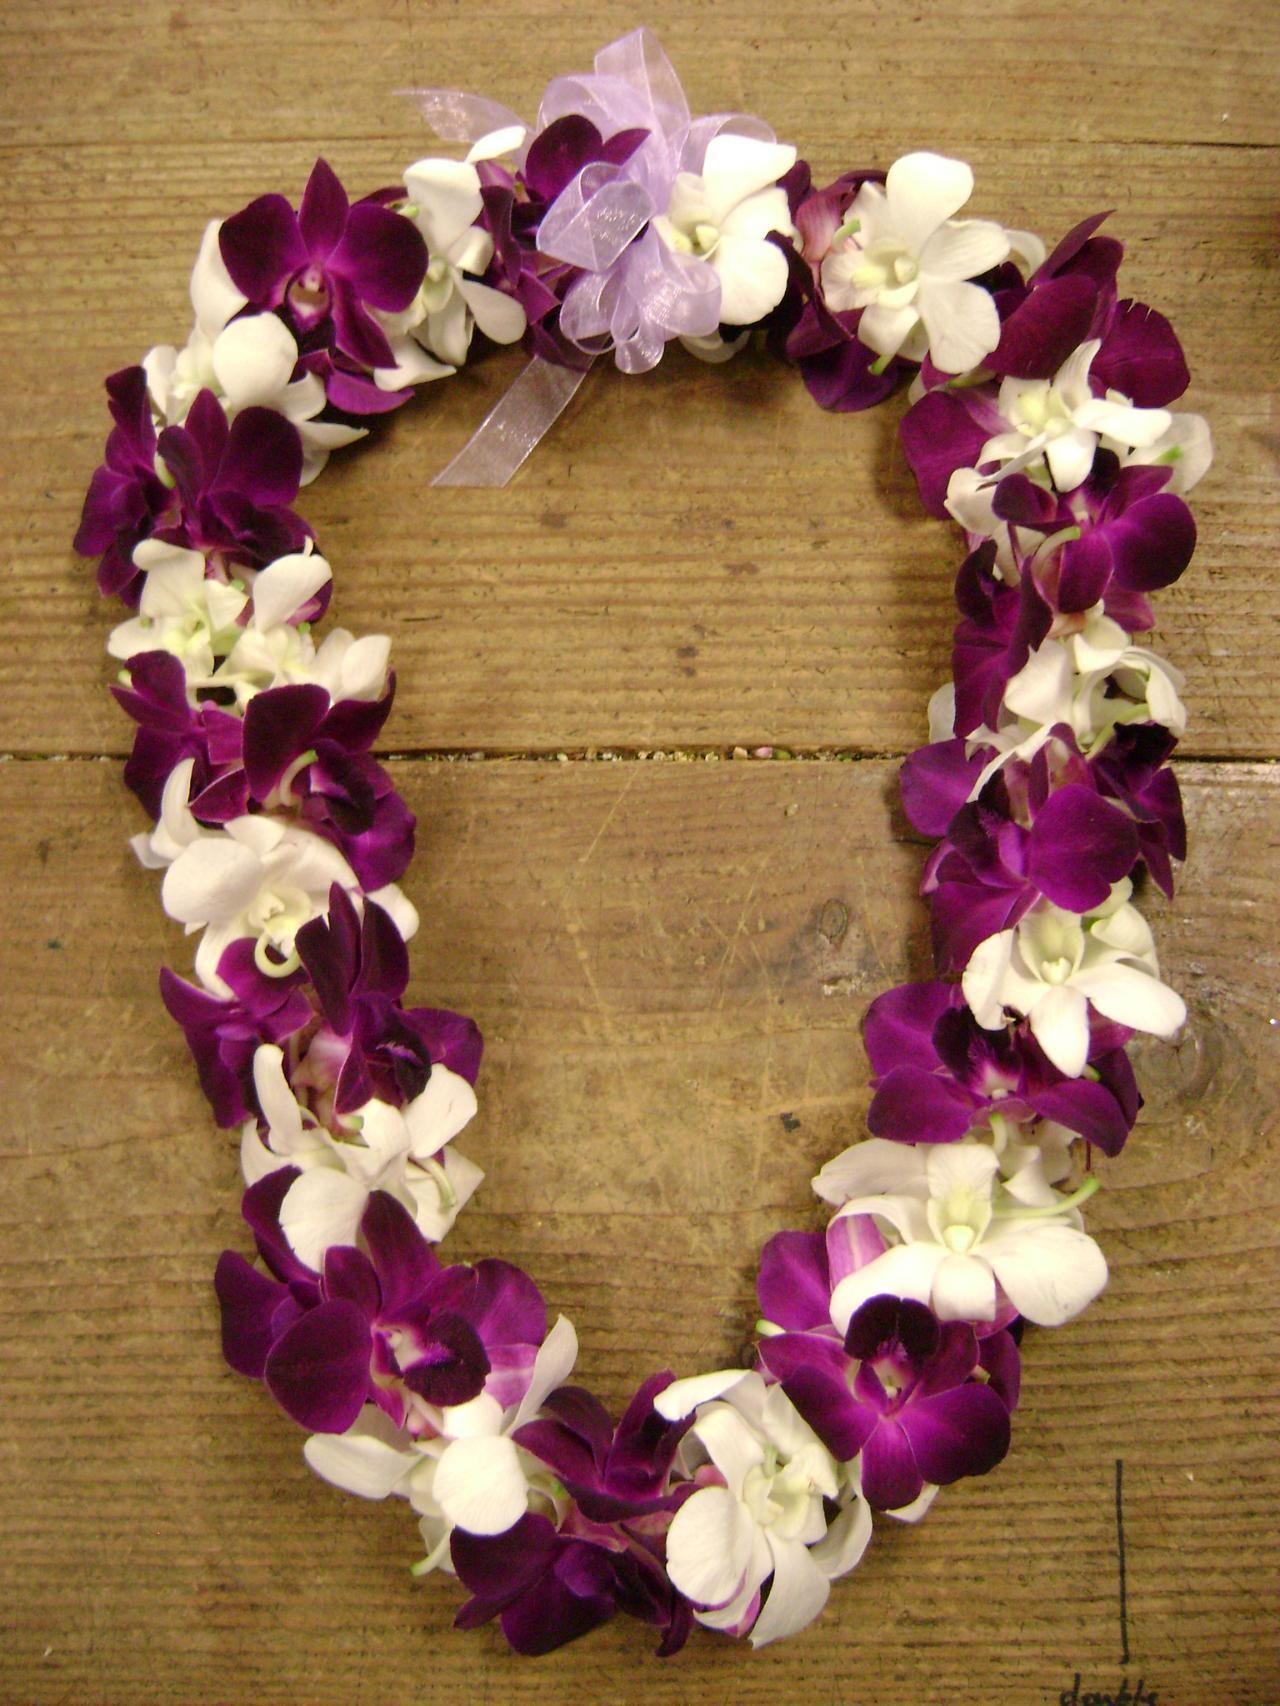 Lei Customs Nau Wale No Tours Tropical Floral Arrangements Orchid Lei Funeral Flower Arrangements